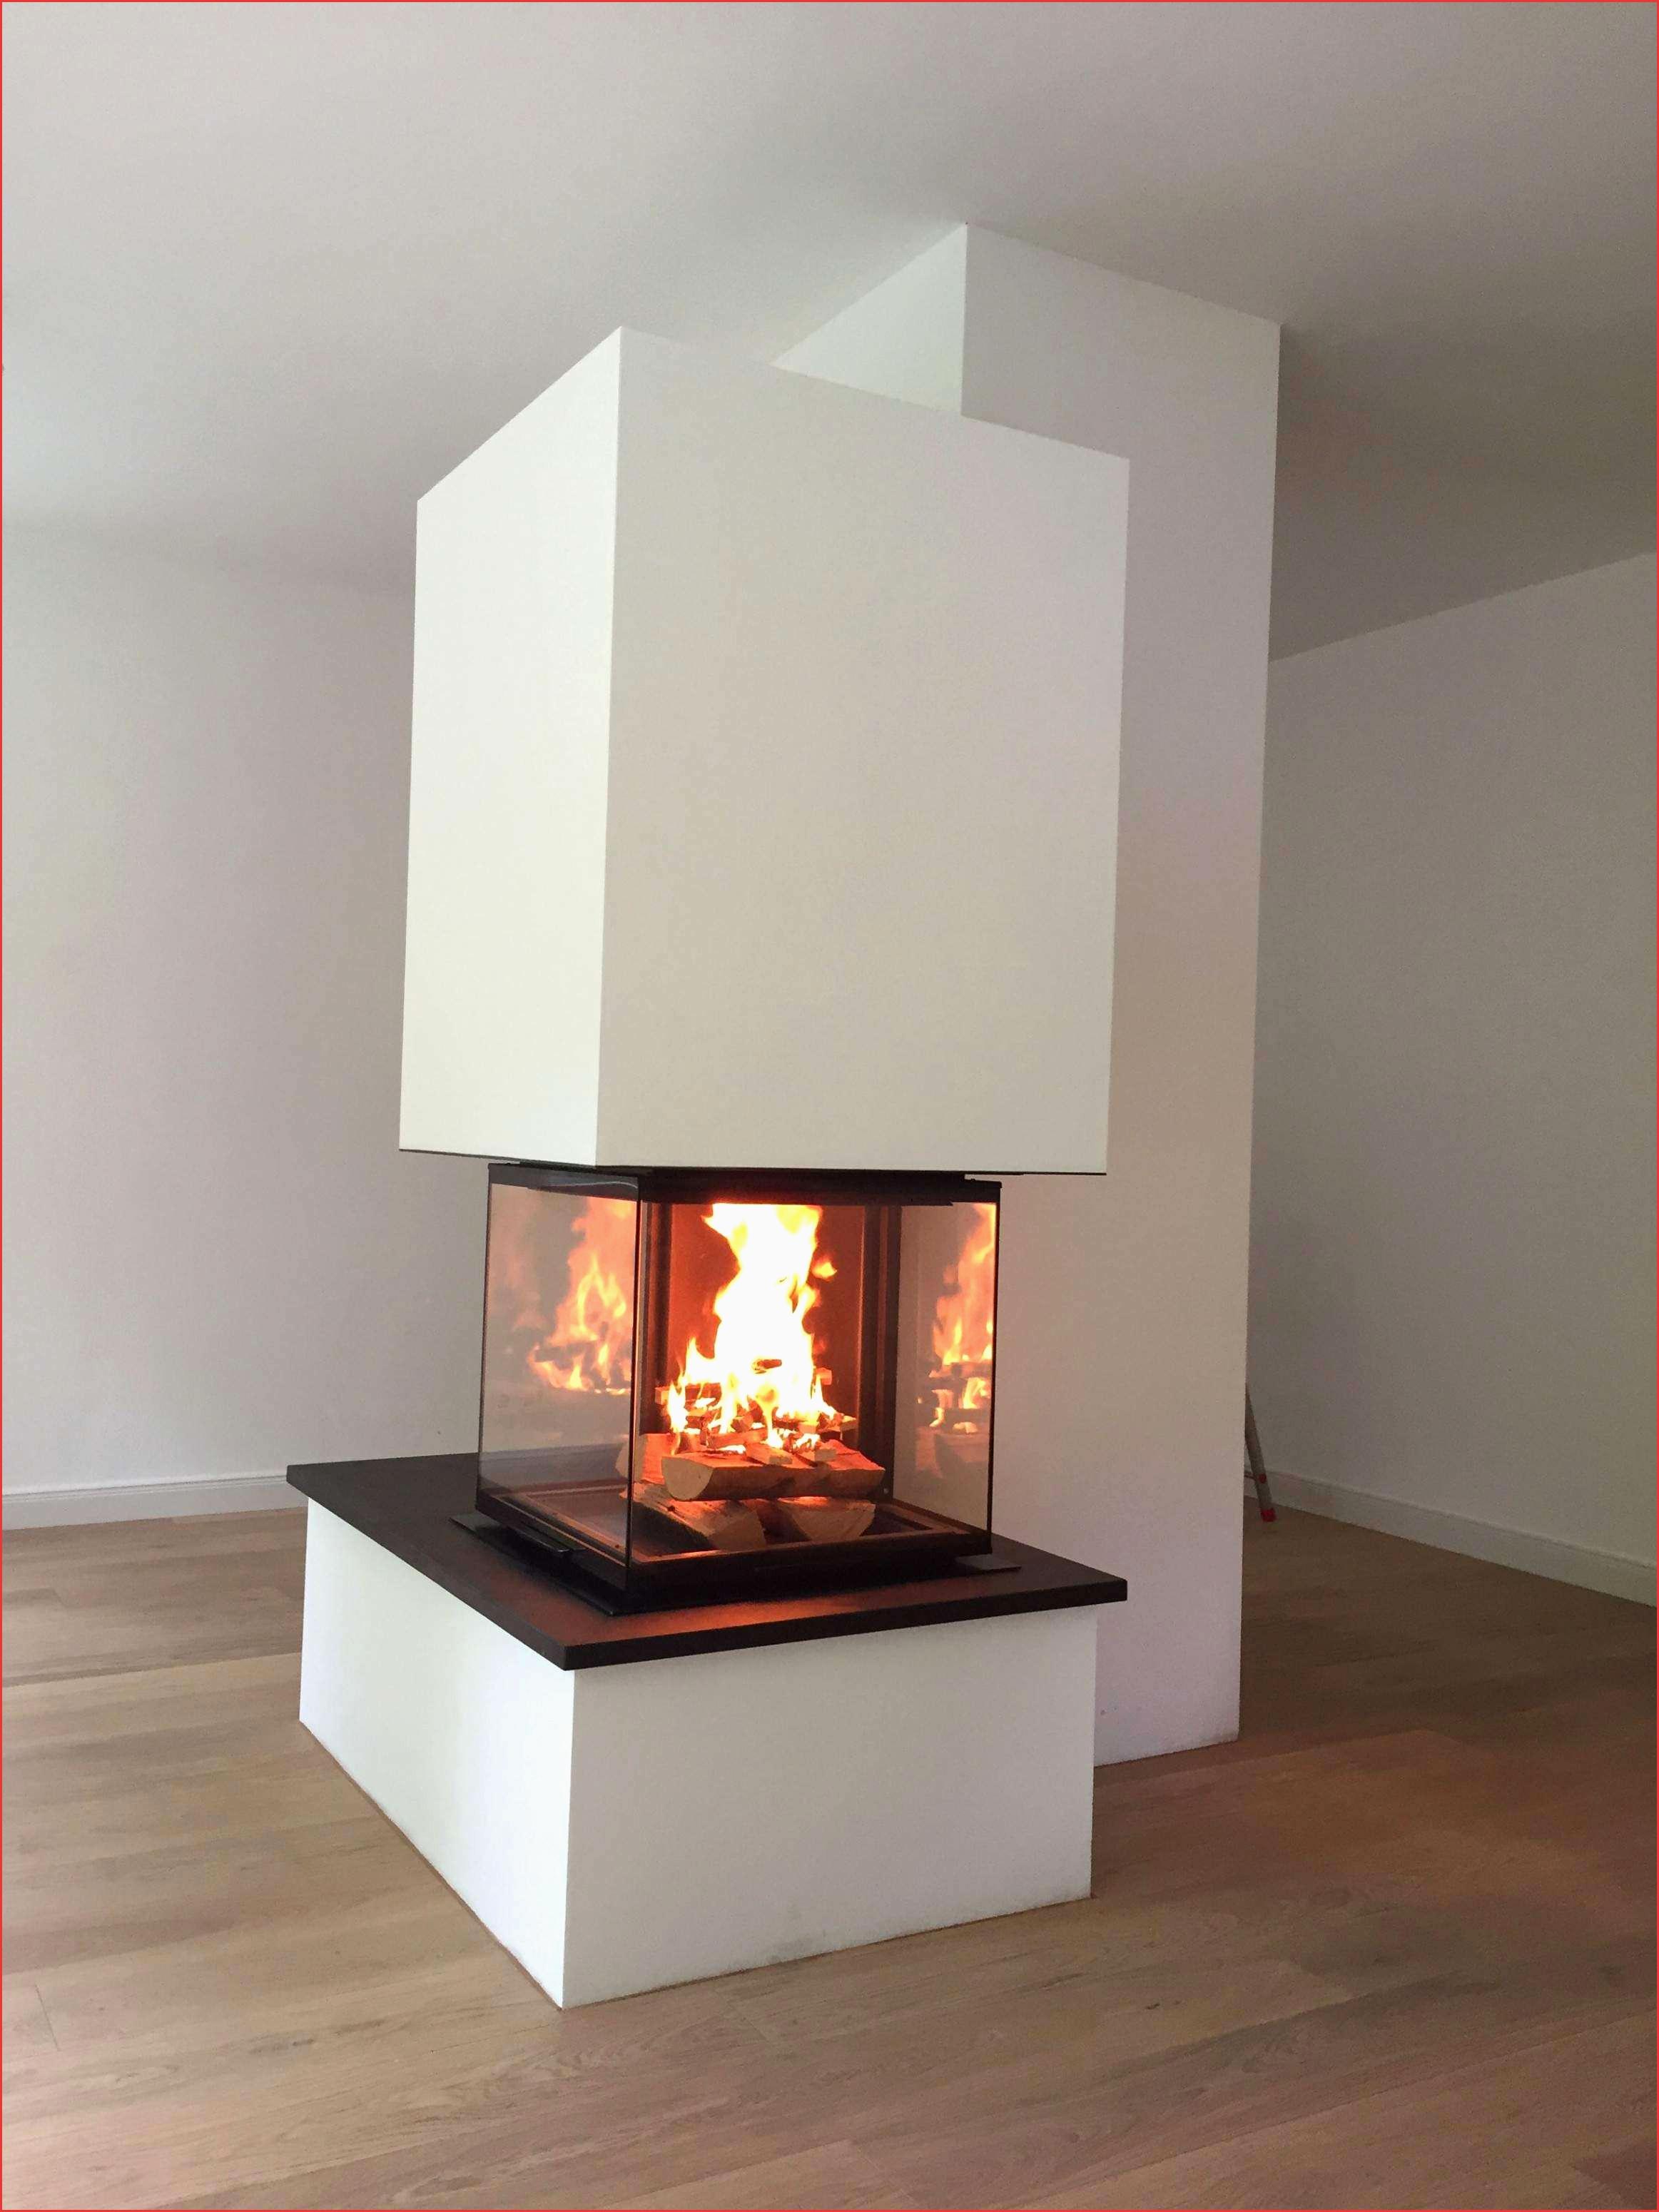 tischkamin ethanol luxus kamin im wohnzimmer frisch kamin modern 0d h0jzsq planen of schaukel wohnzimmer